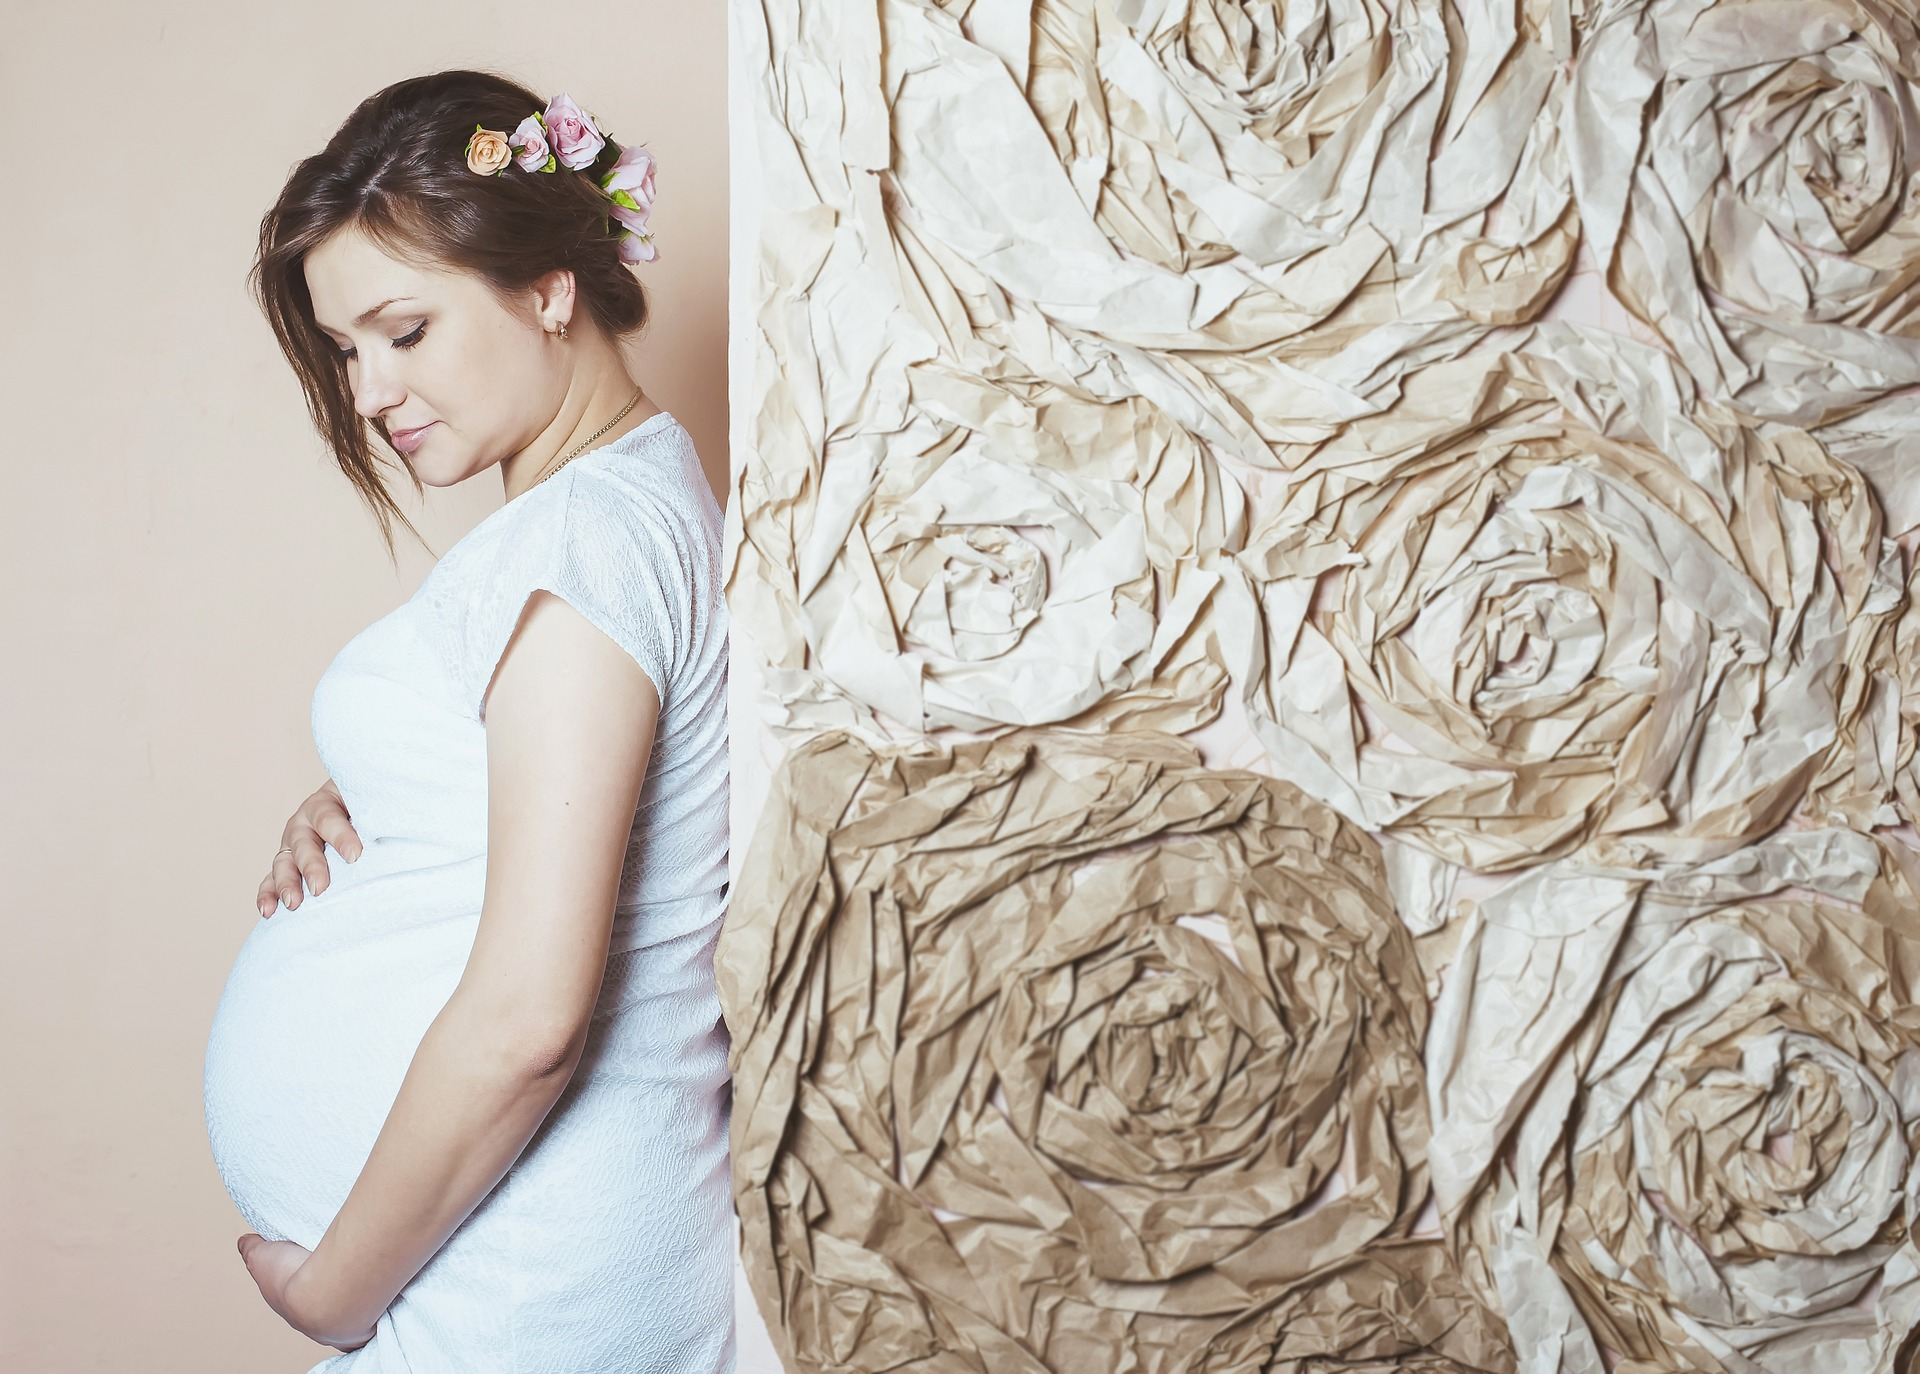 természet-terhesség-pepitablog